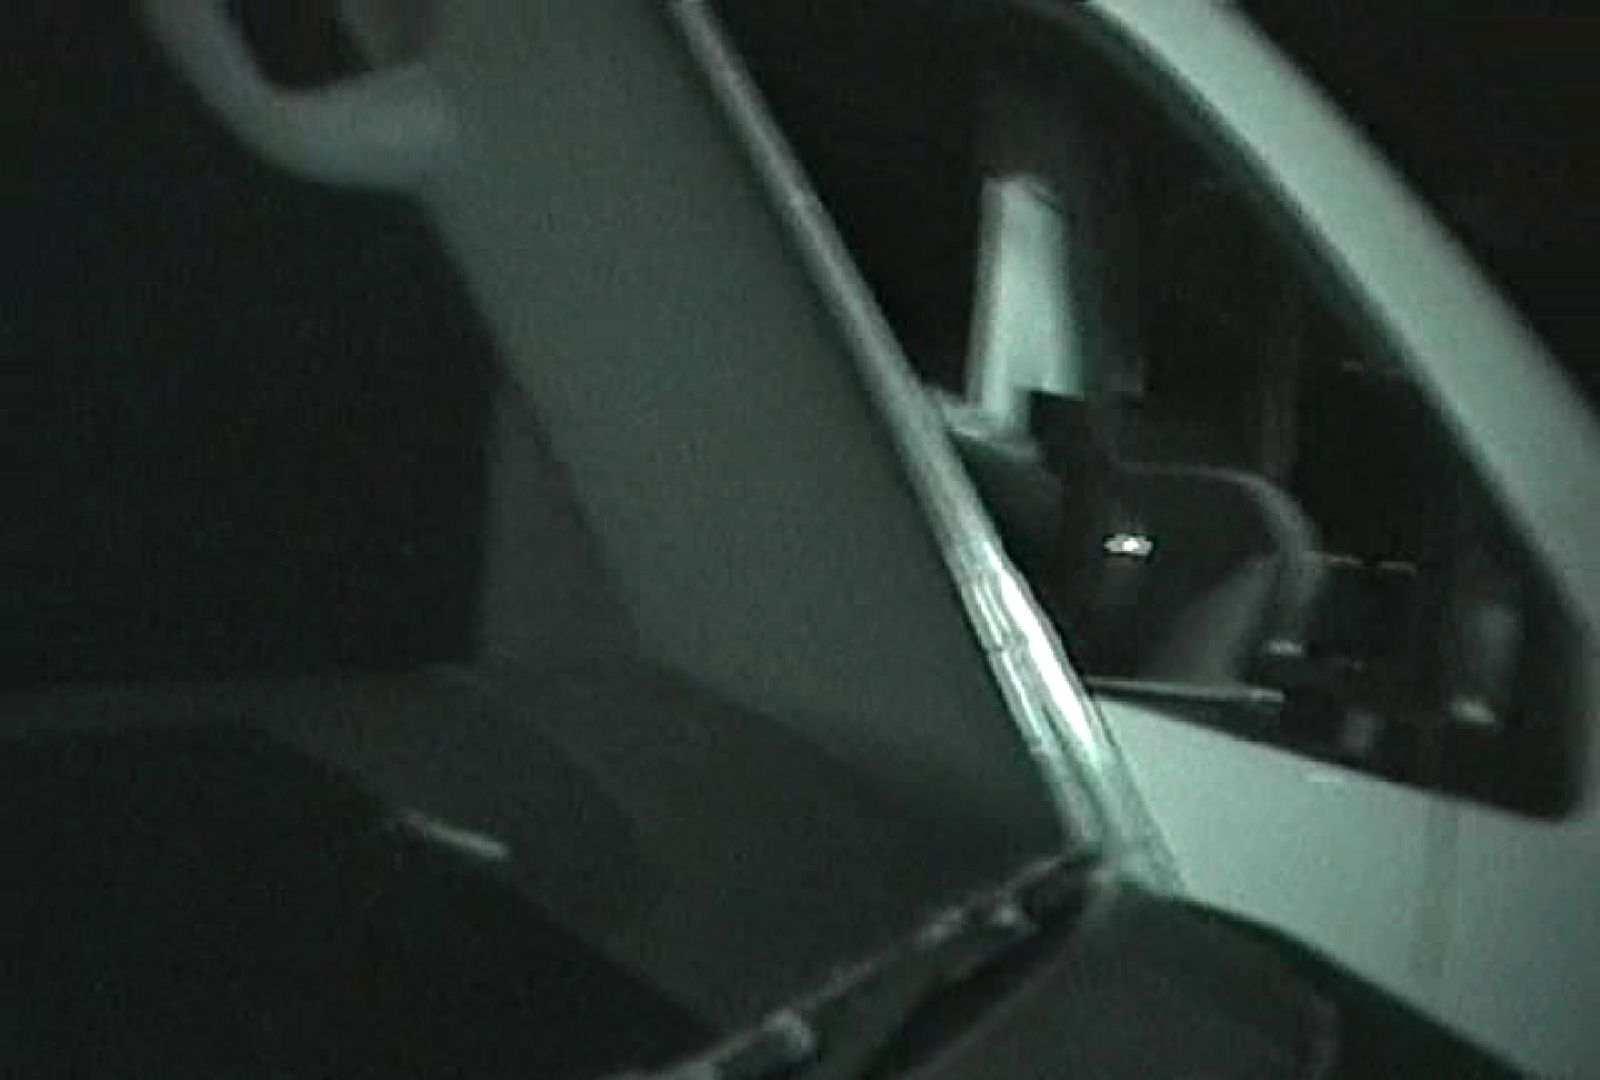 充血監督の深夜の運動会Vol.72 OLの実態 隠し撮りAV無料 59pic 32